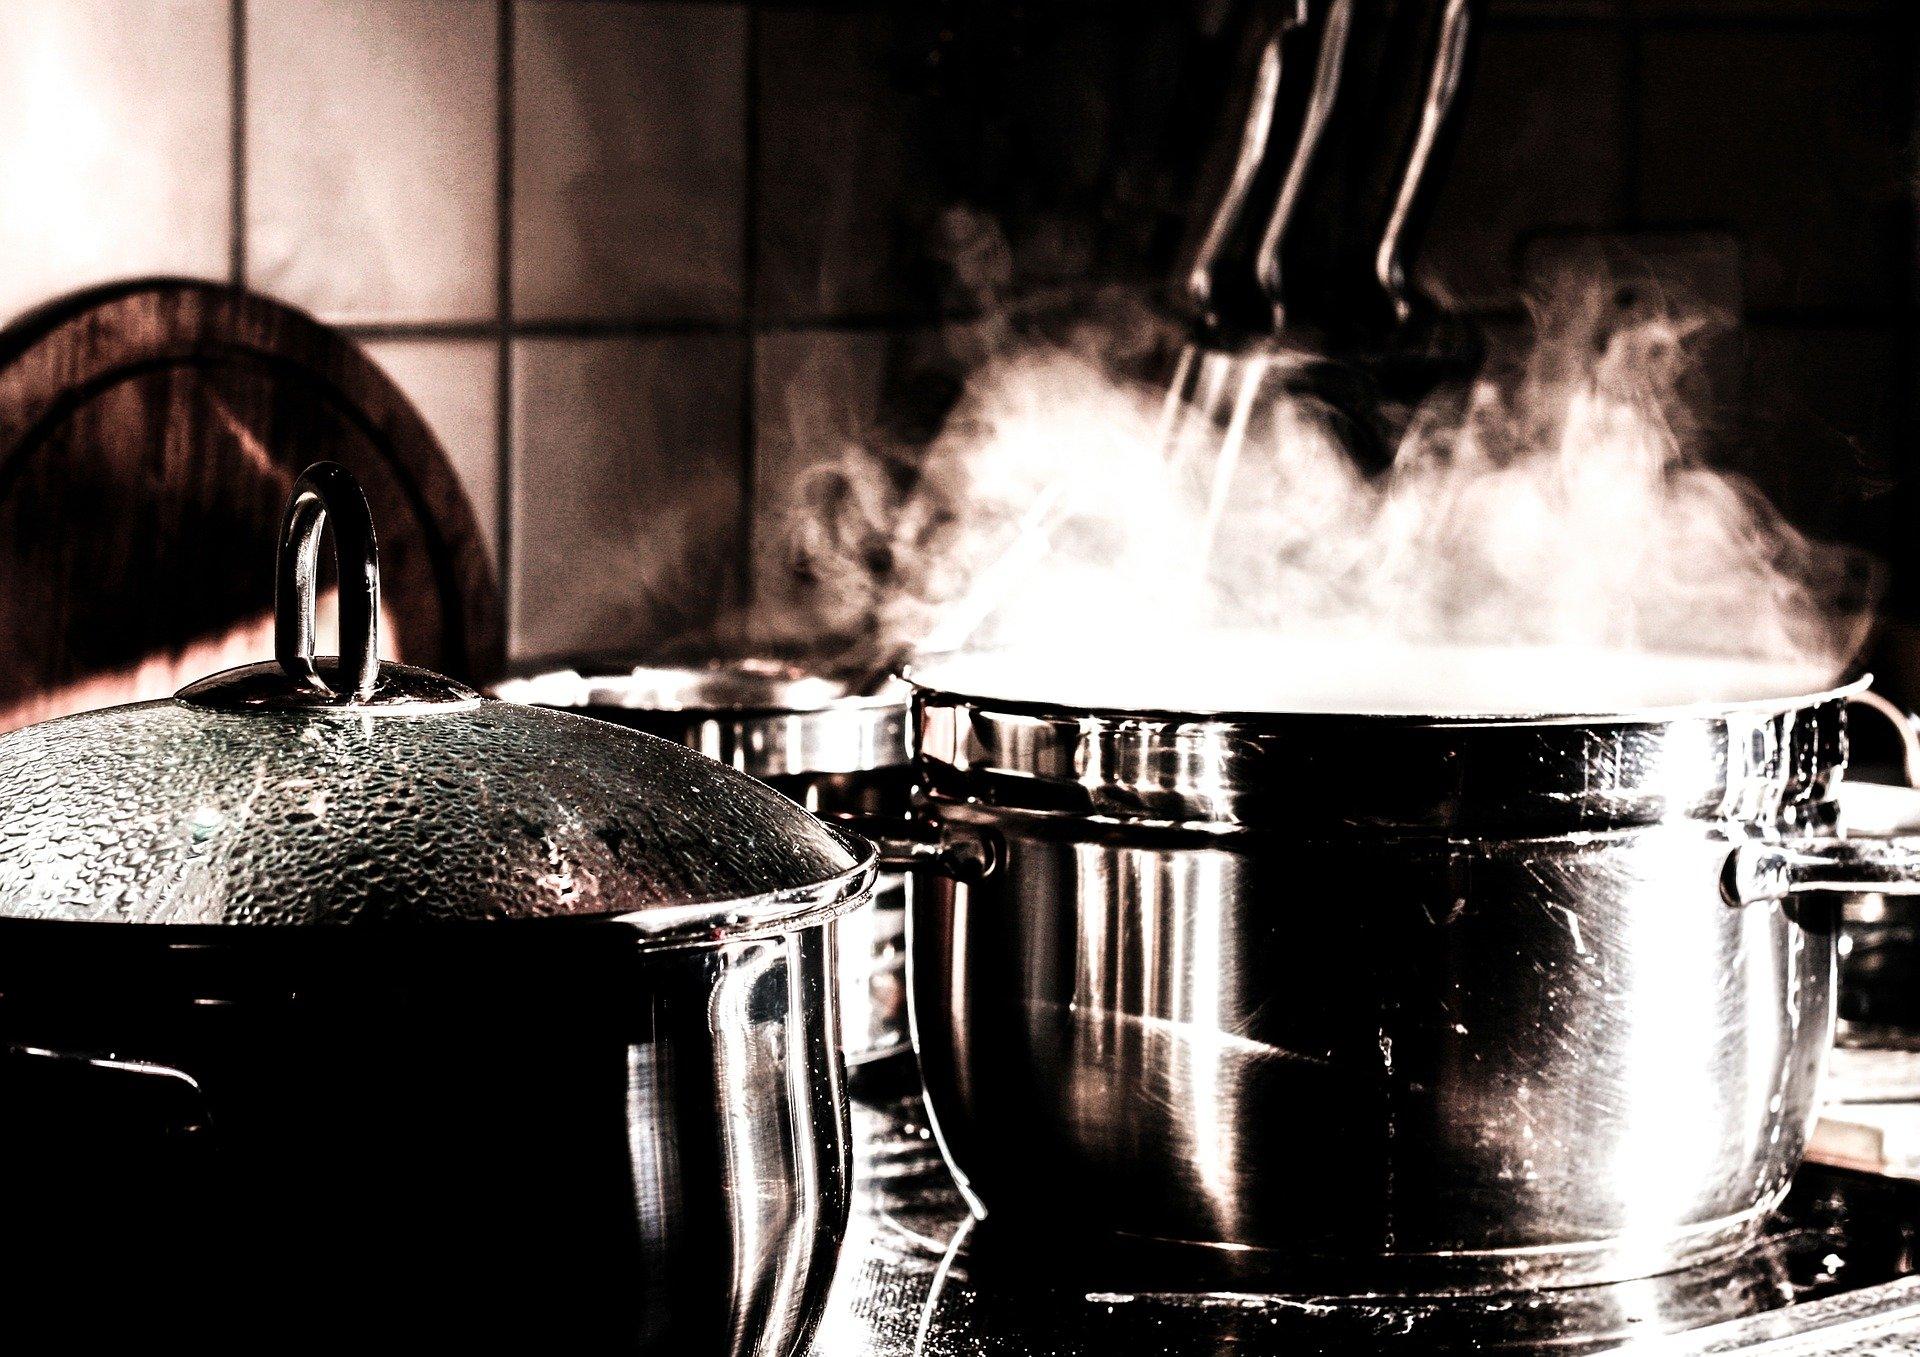 kitchen-345707_1920